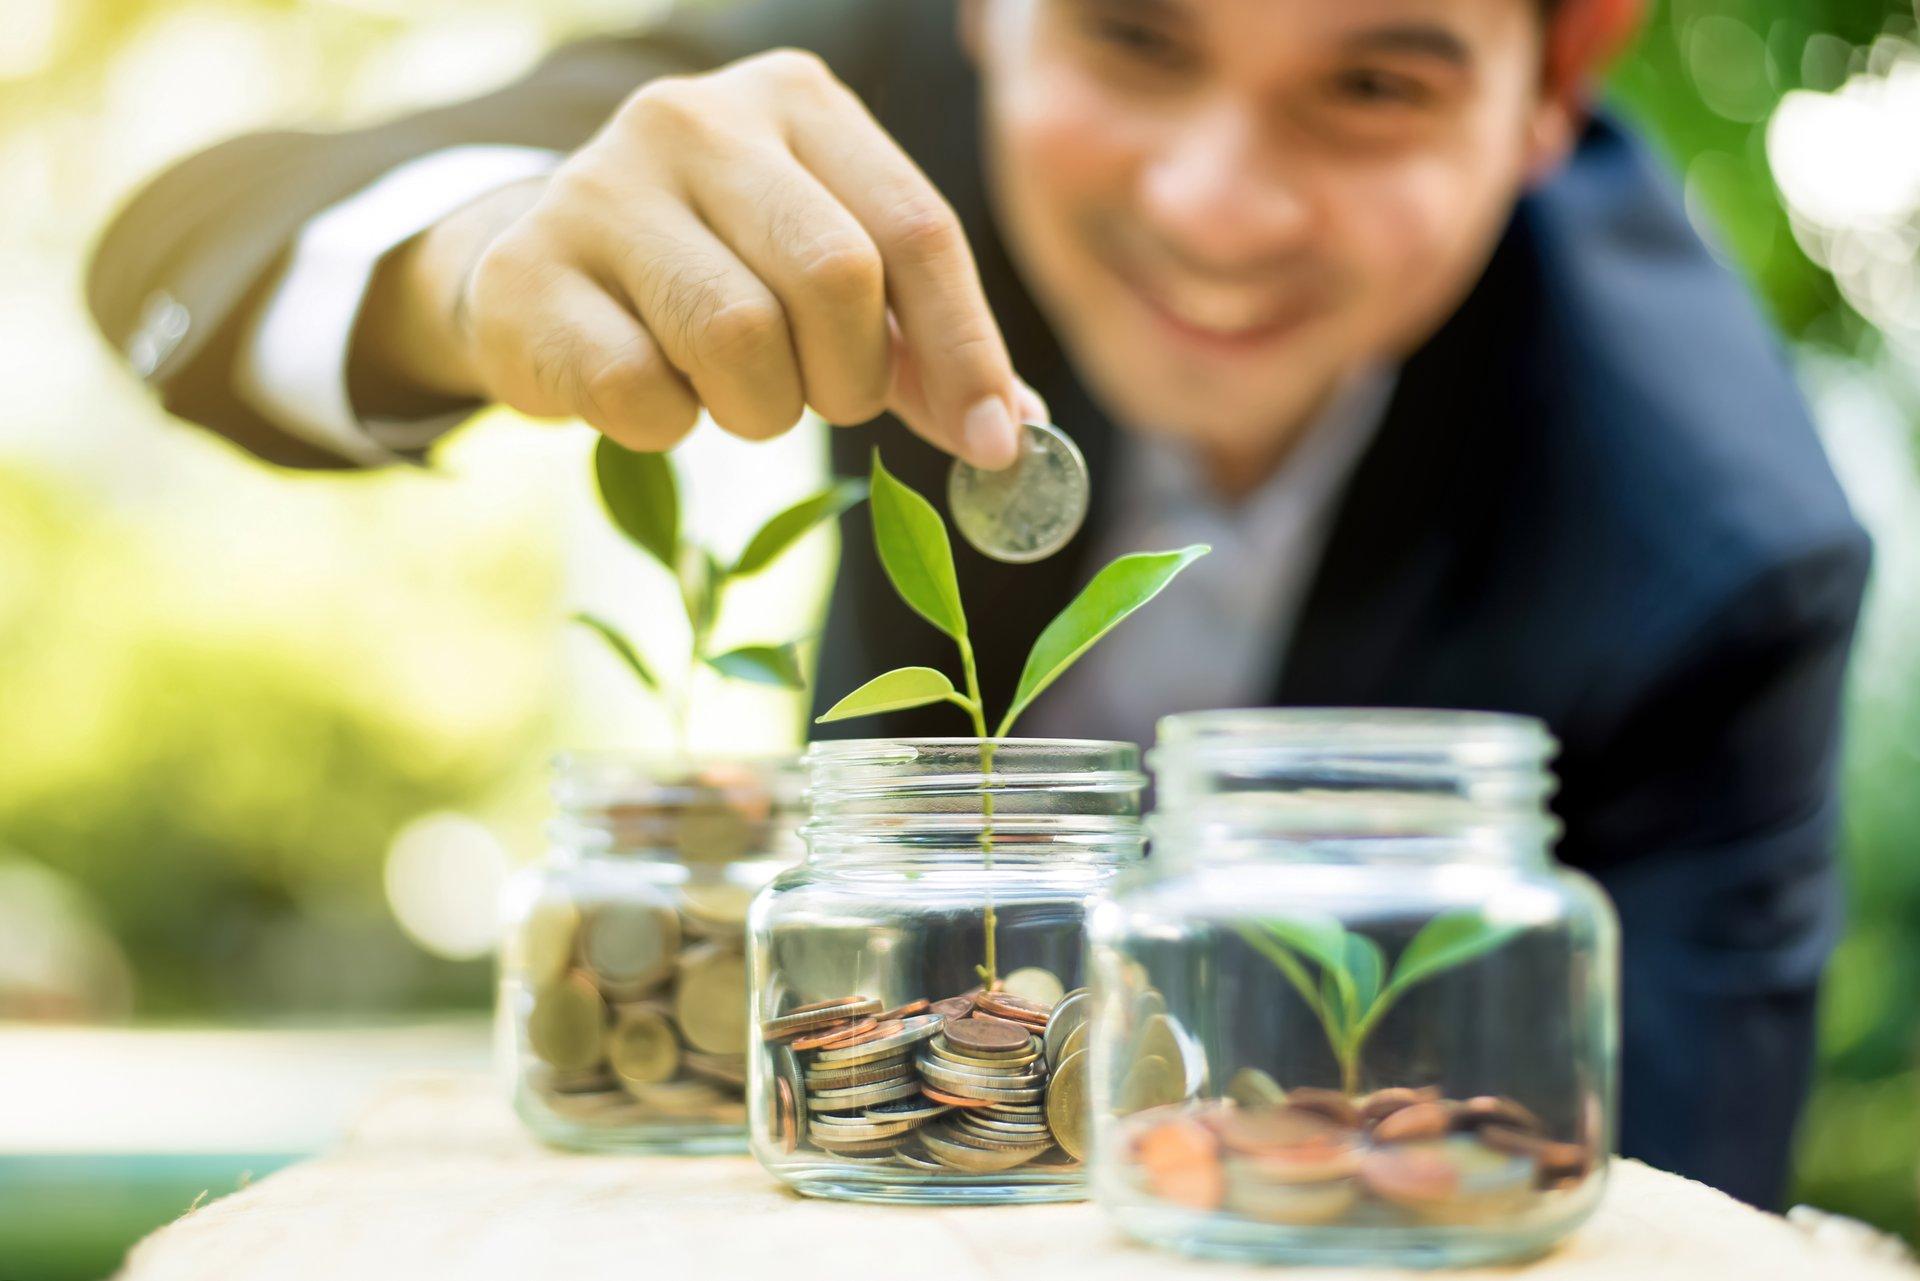 Putting money in jar